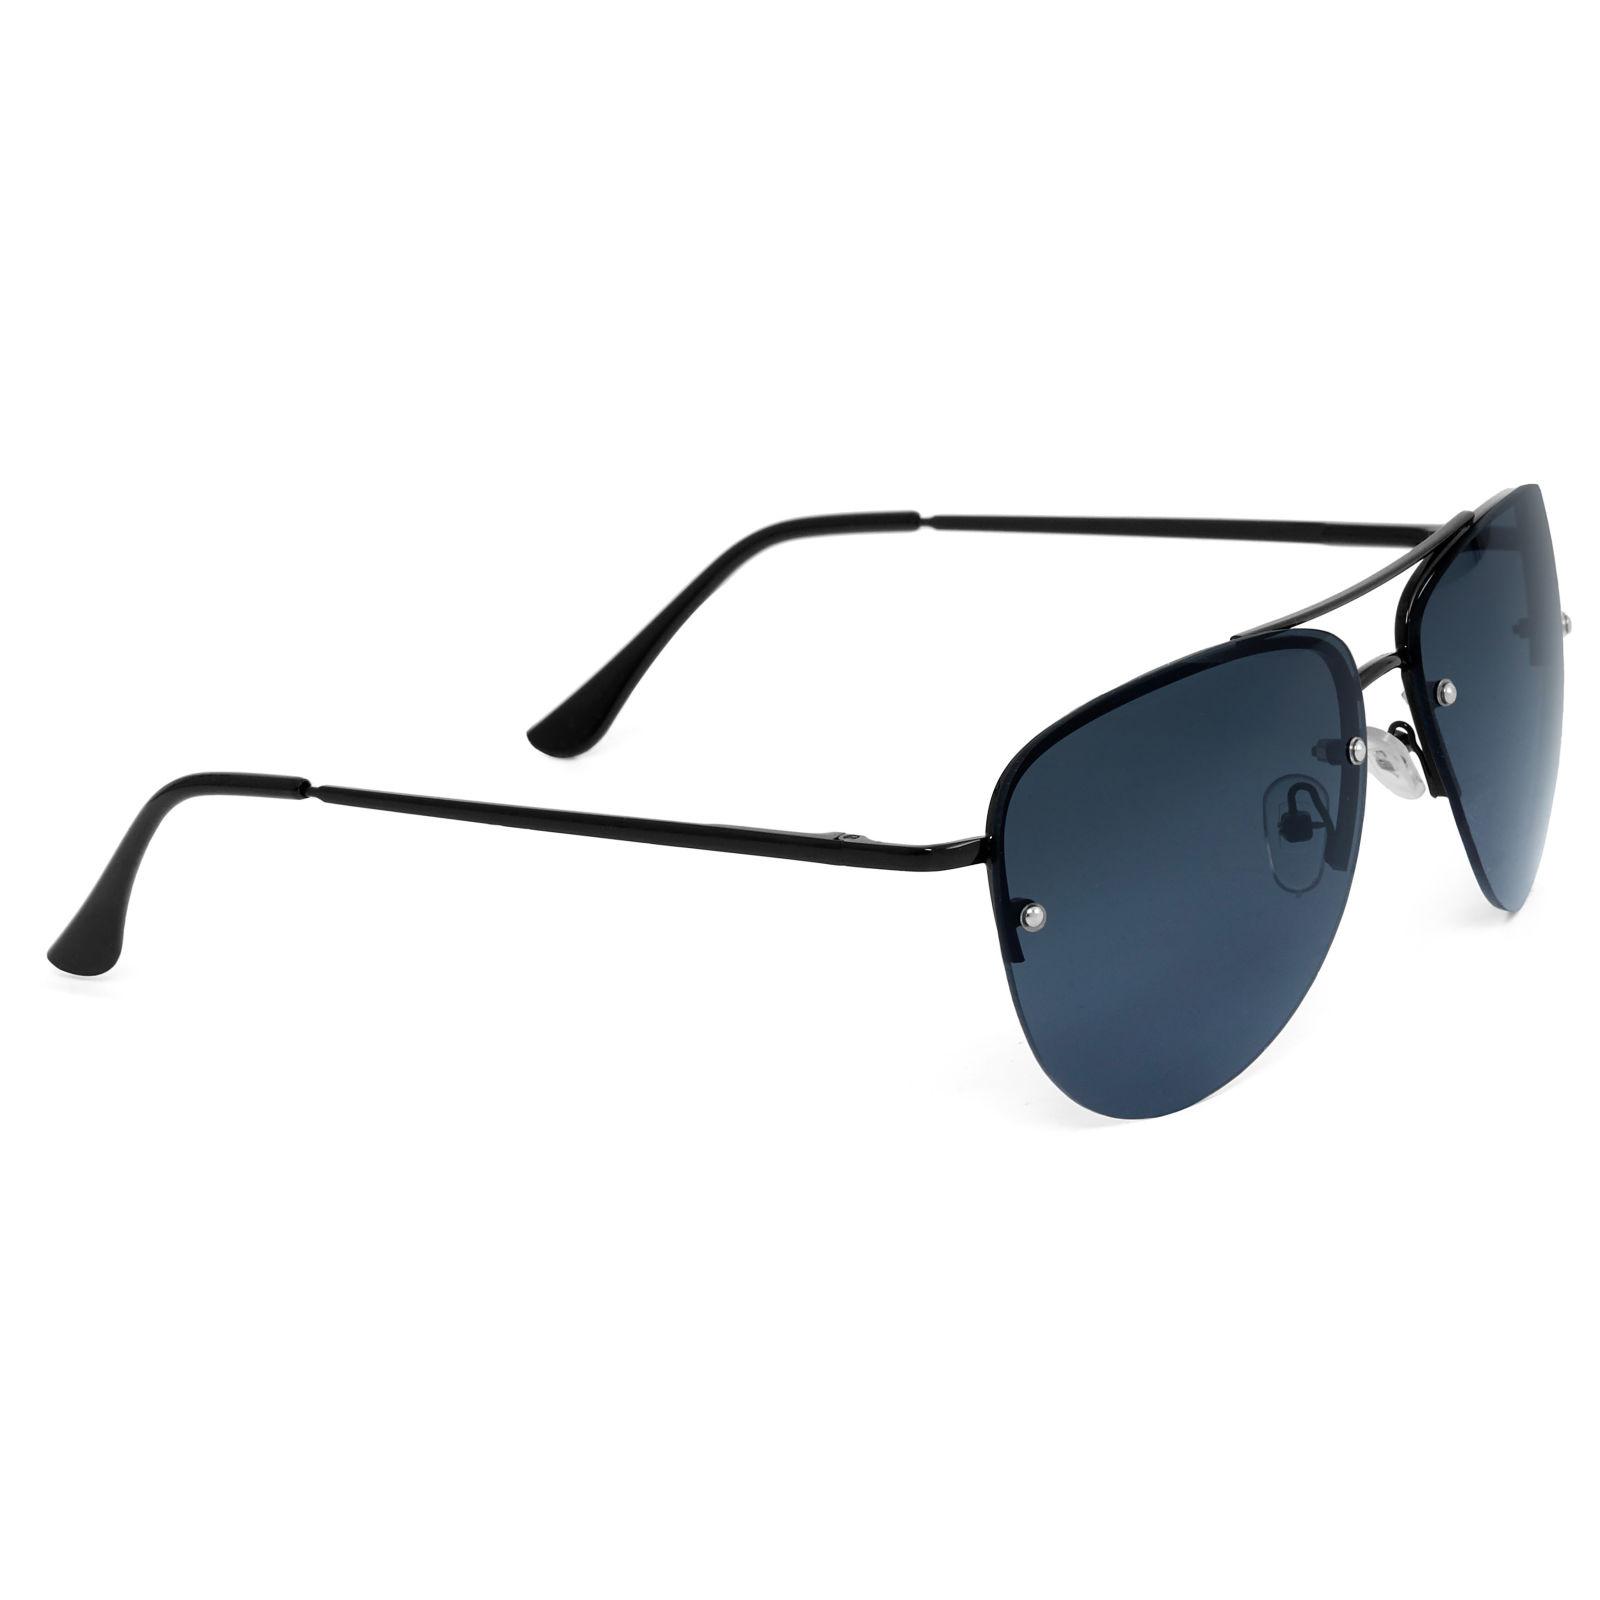 Teljesen fekete keretes pilóta napszemüveg sötétített lencsékkel ... 78a339acde